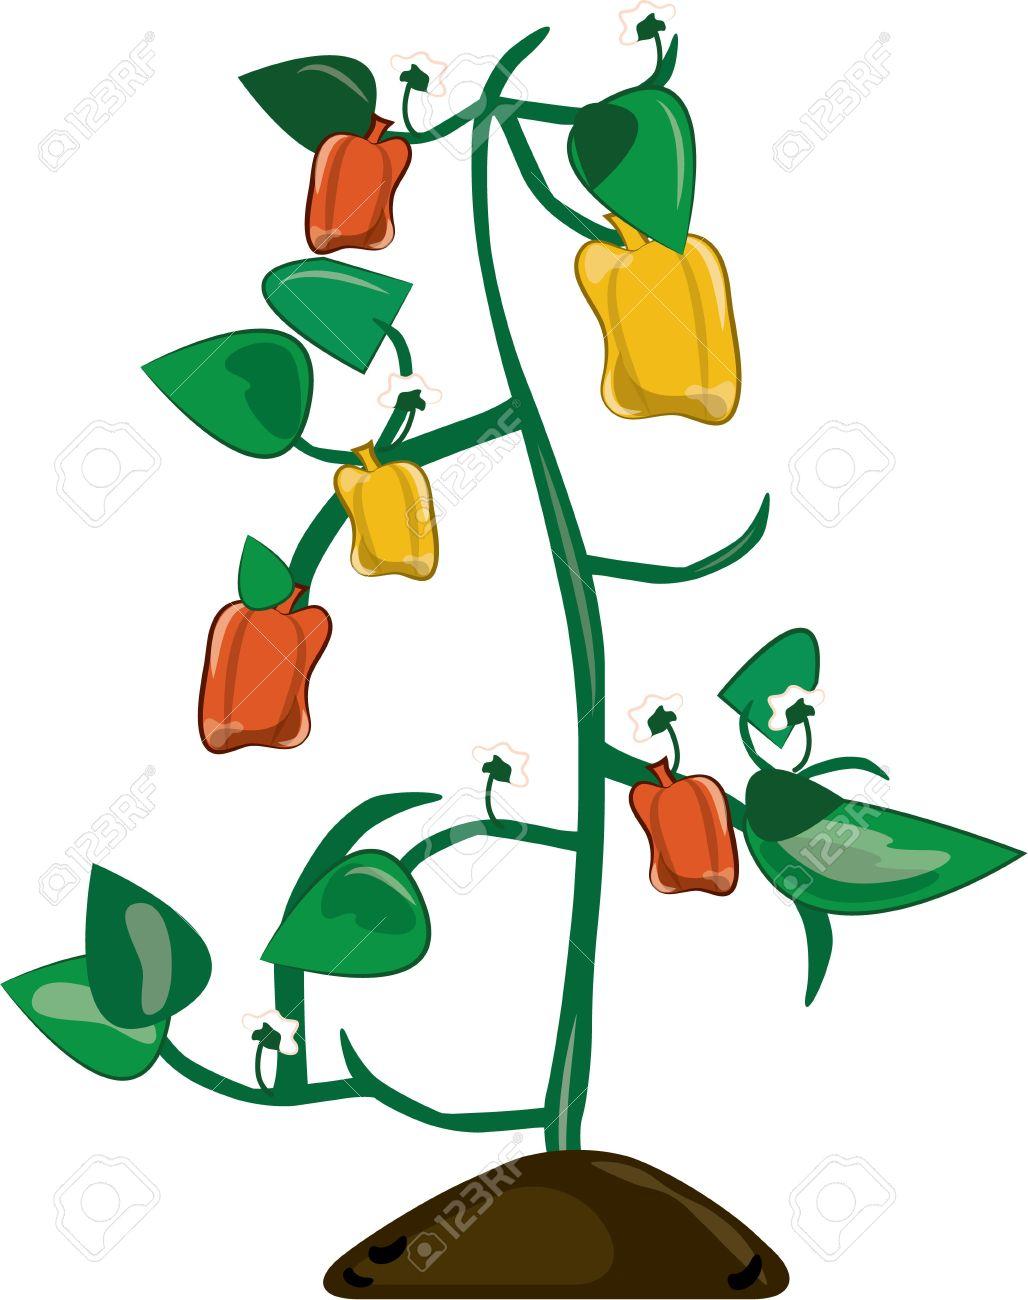 這辣椒廠是一個豐富多彩的除了你的園藝展示。充滿了所有的顏色會照亮.